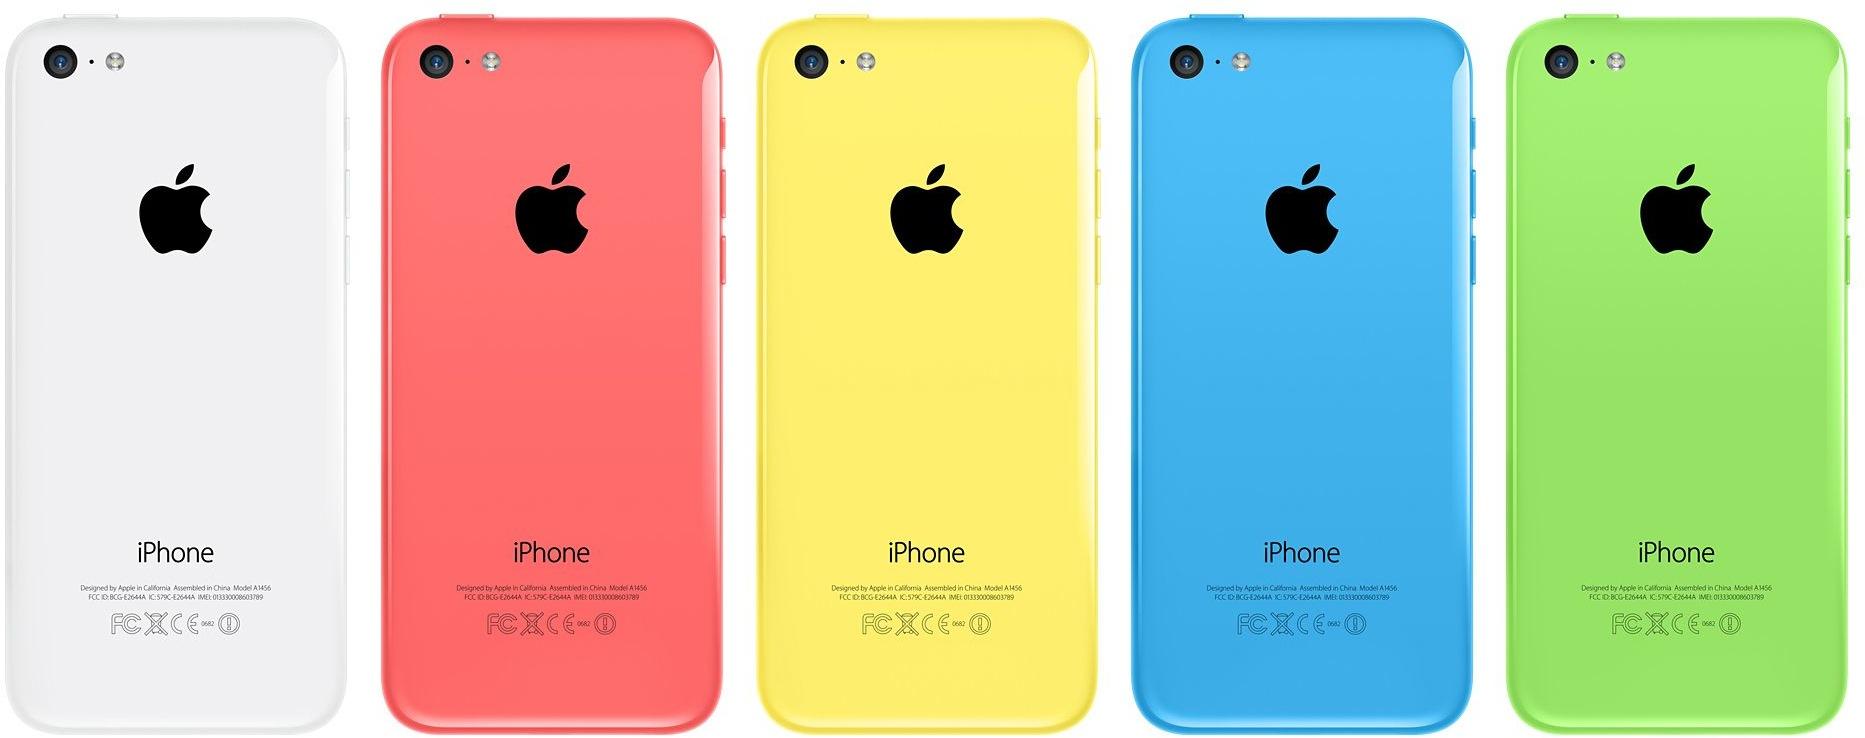 iPhones 5c e 5s possue...